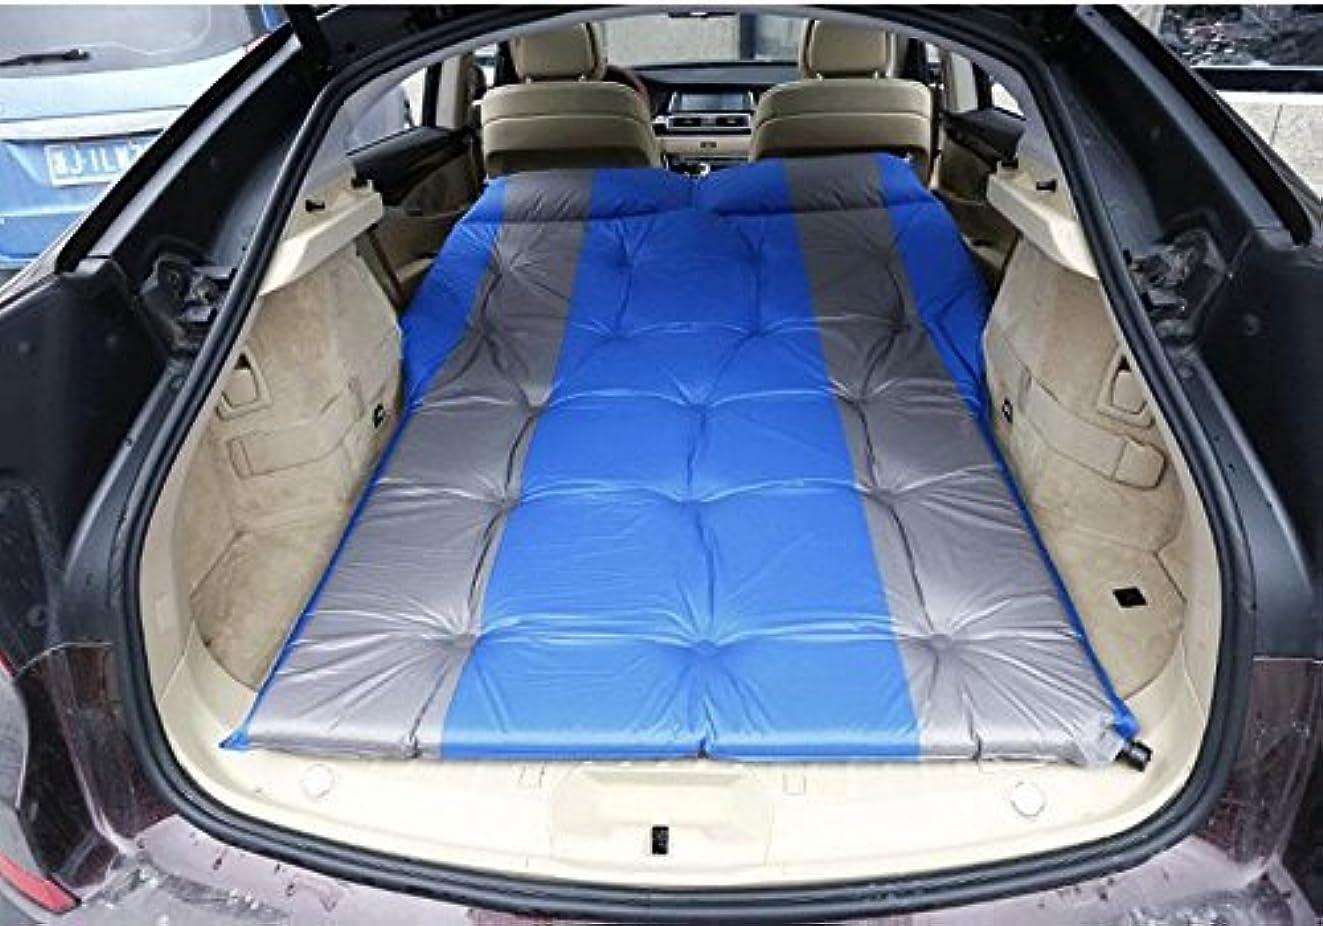 アンペアデータ海上車のベッドWの膨脹可能なベッドのSuv車のベッド、旅行ベッドの睡眠のマット屋外の車のマットのキャンプの湿気防止のパッドの携帯用折られた旅行車の供給190 * 126 cm